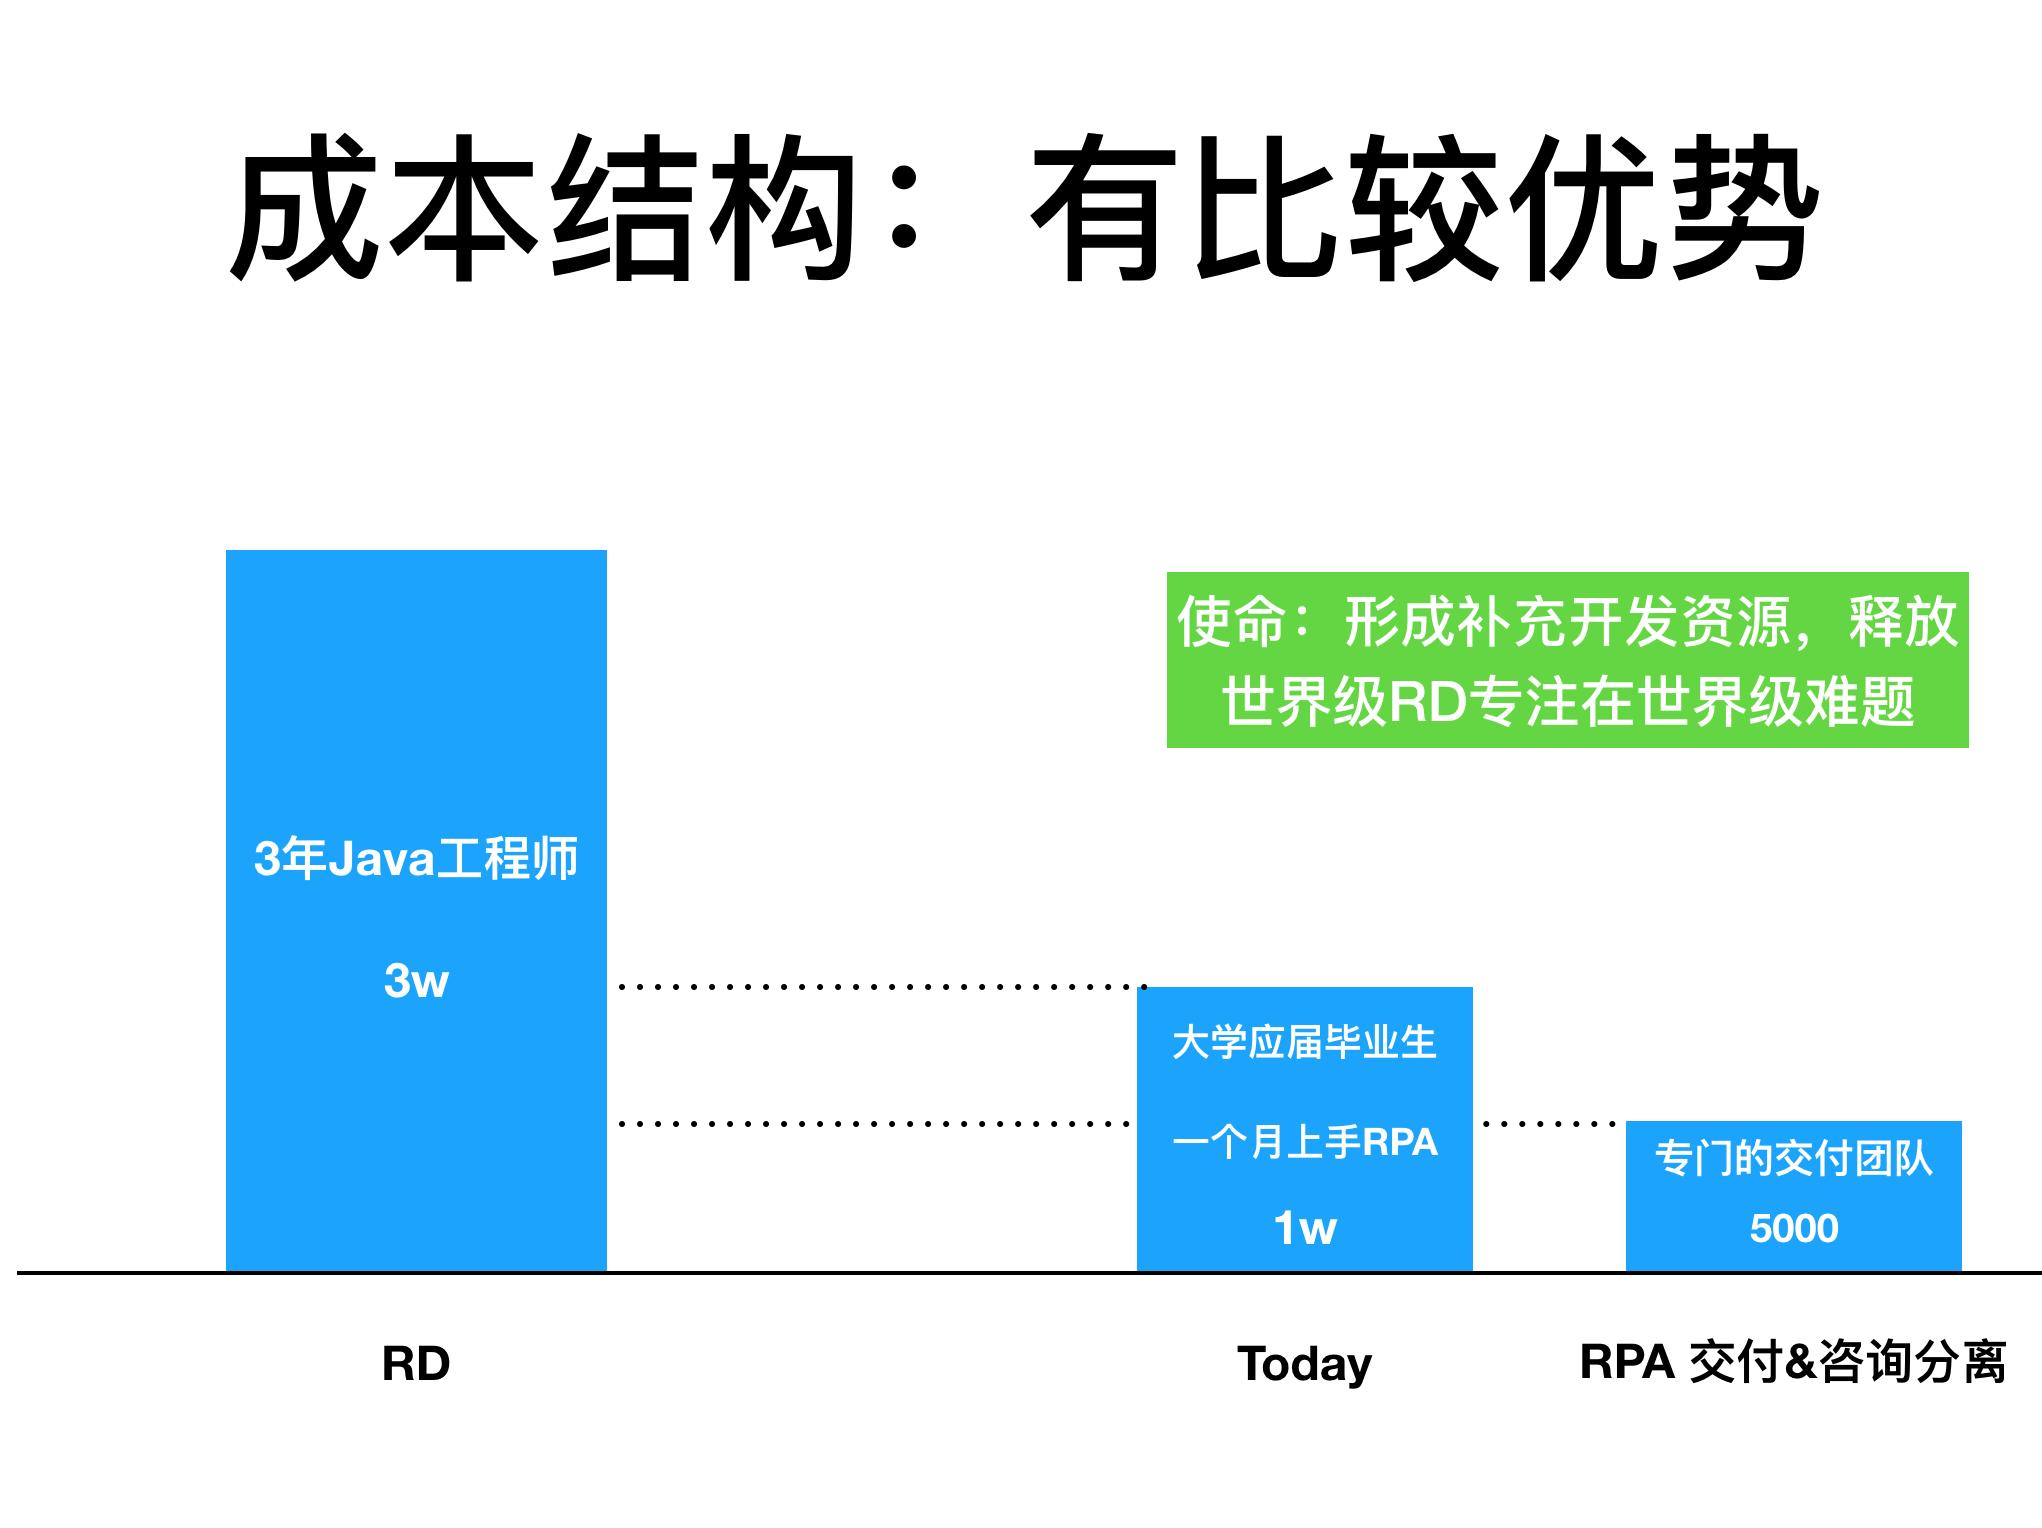 RPA(虚拟员工)在互联网公司的应用插图(9)